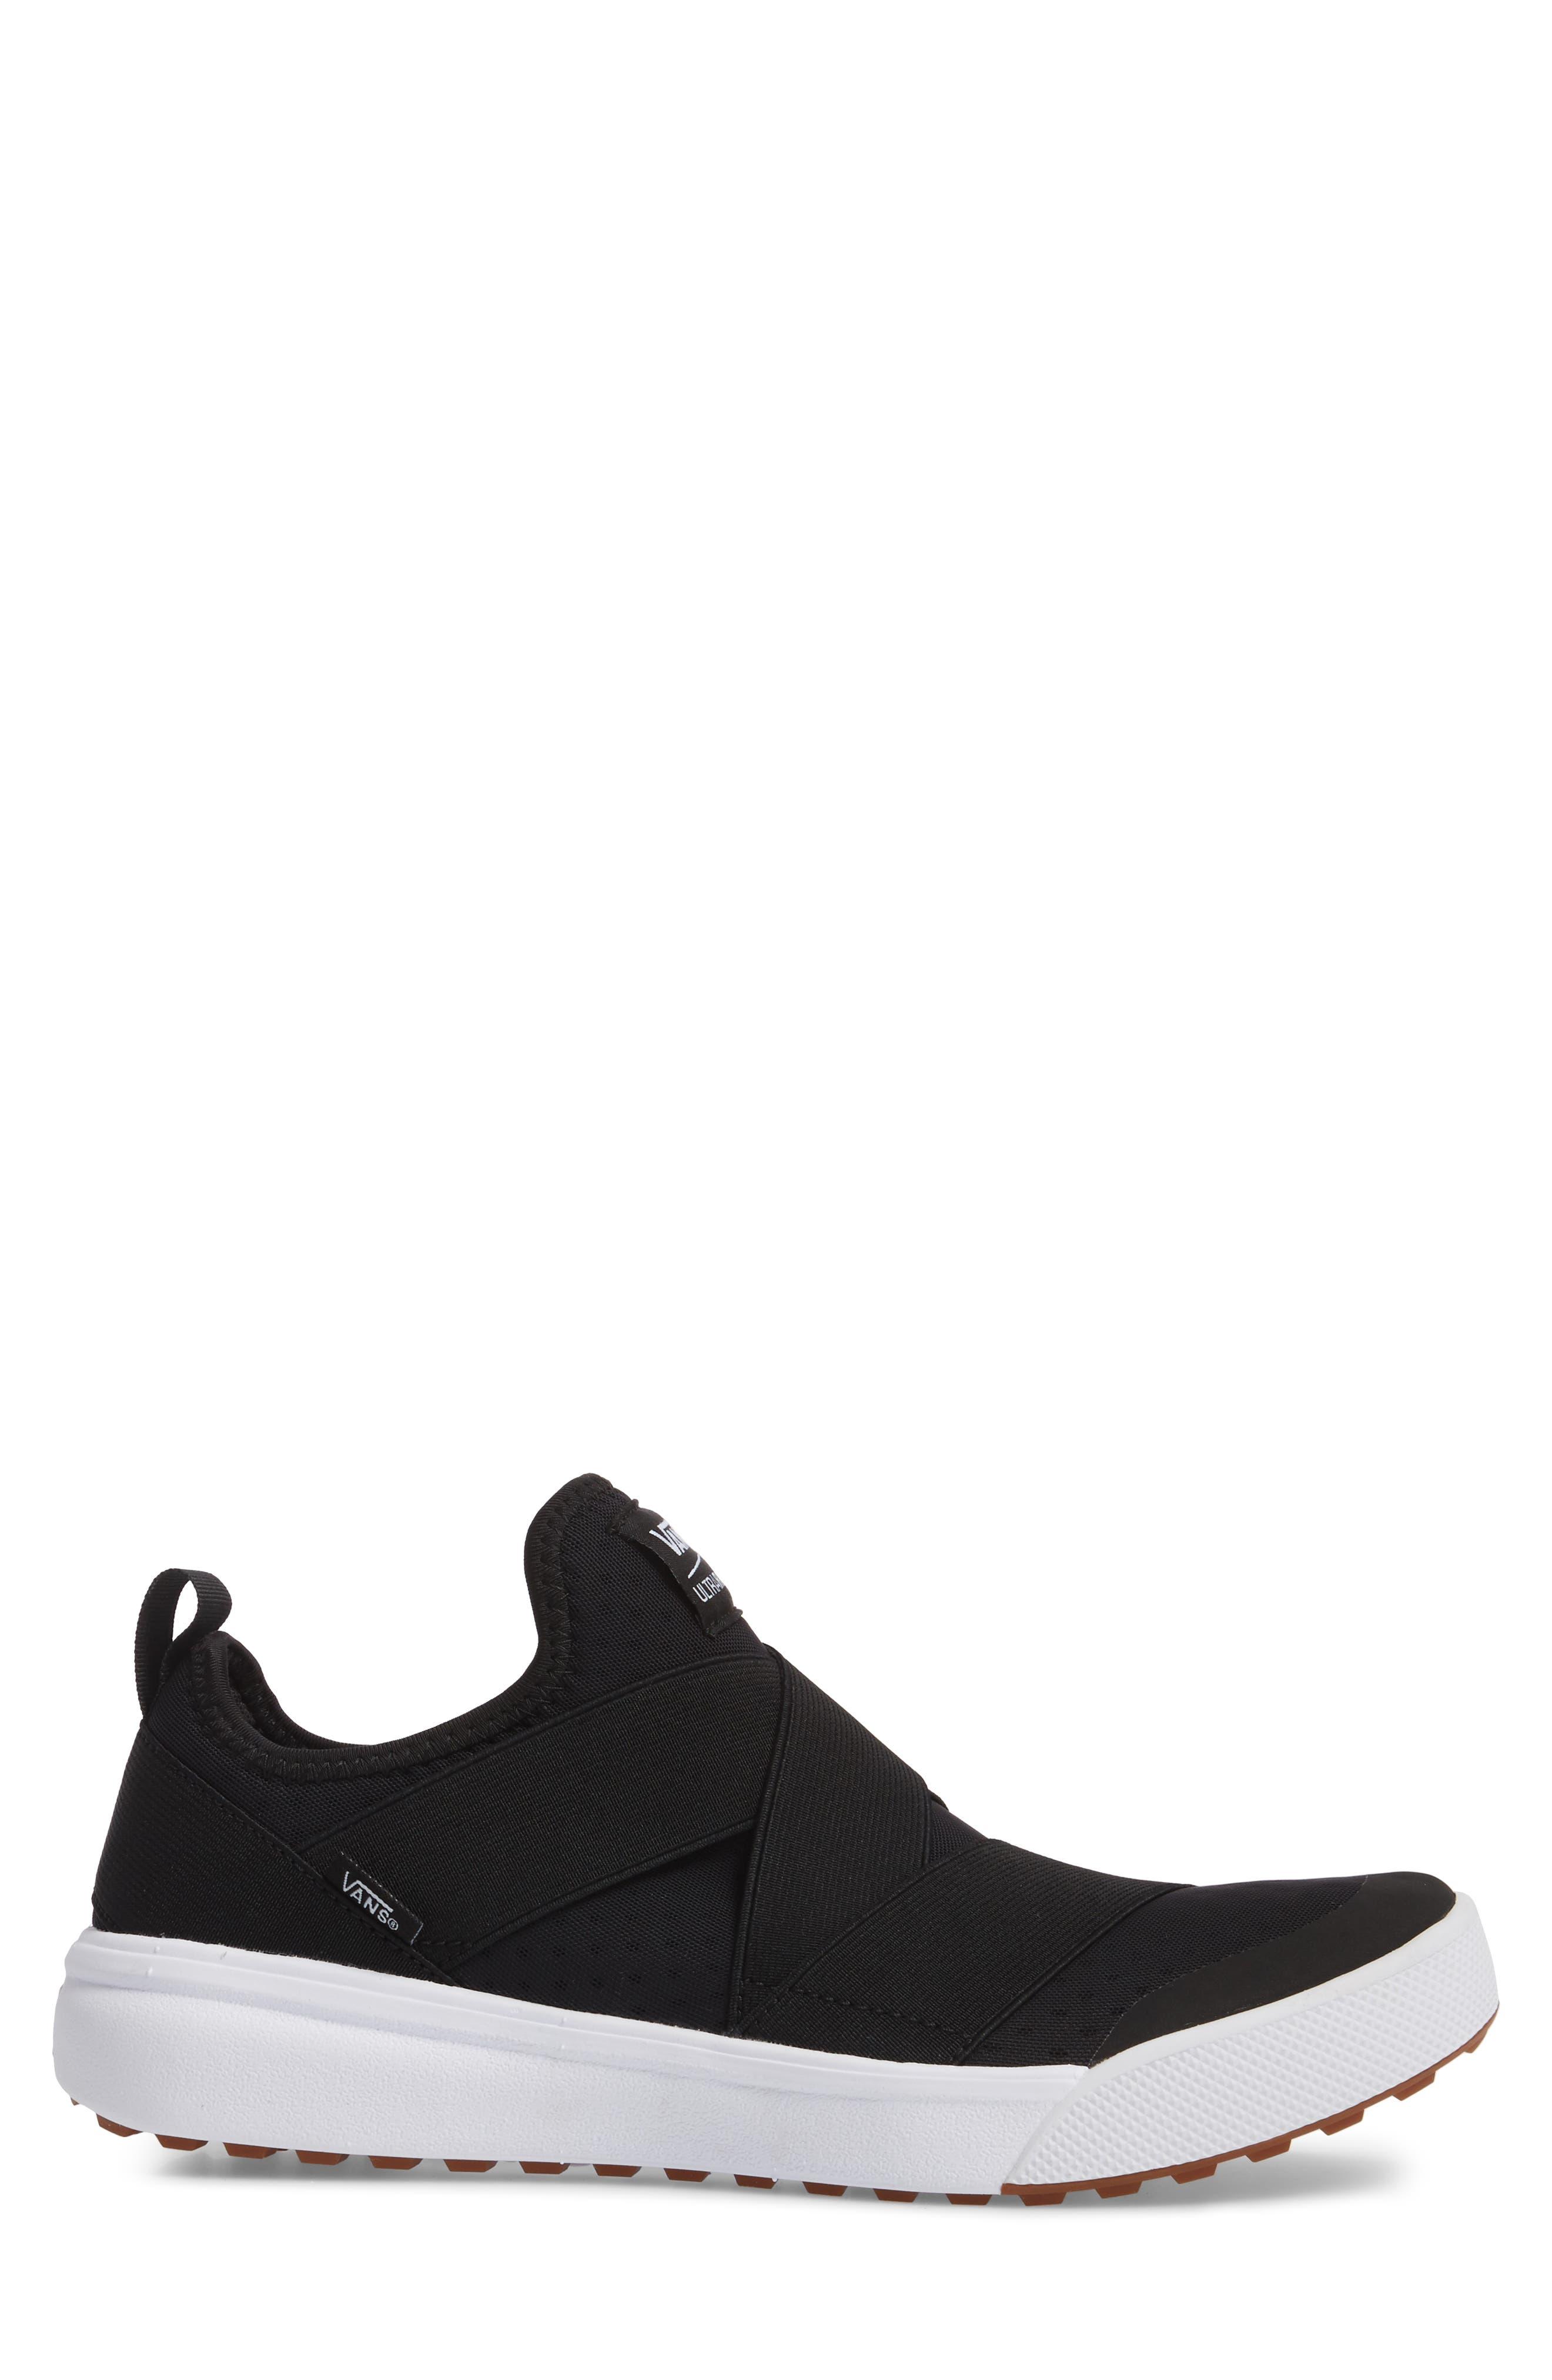 UltraRange Gore Slip-On Sneaker,                             Alternate thumbnail 3, color,                             001